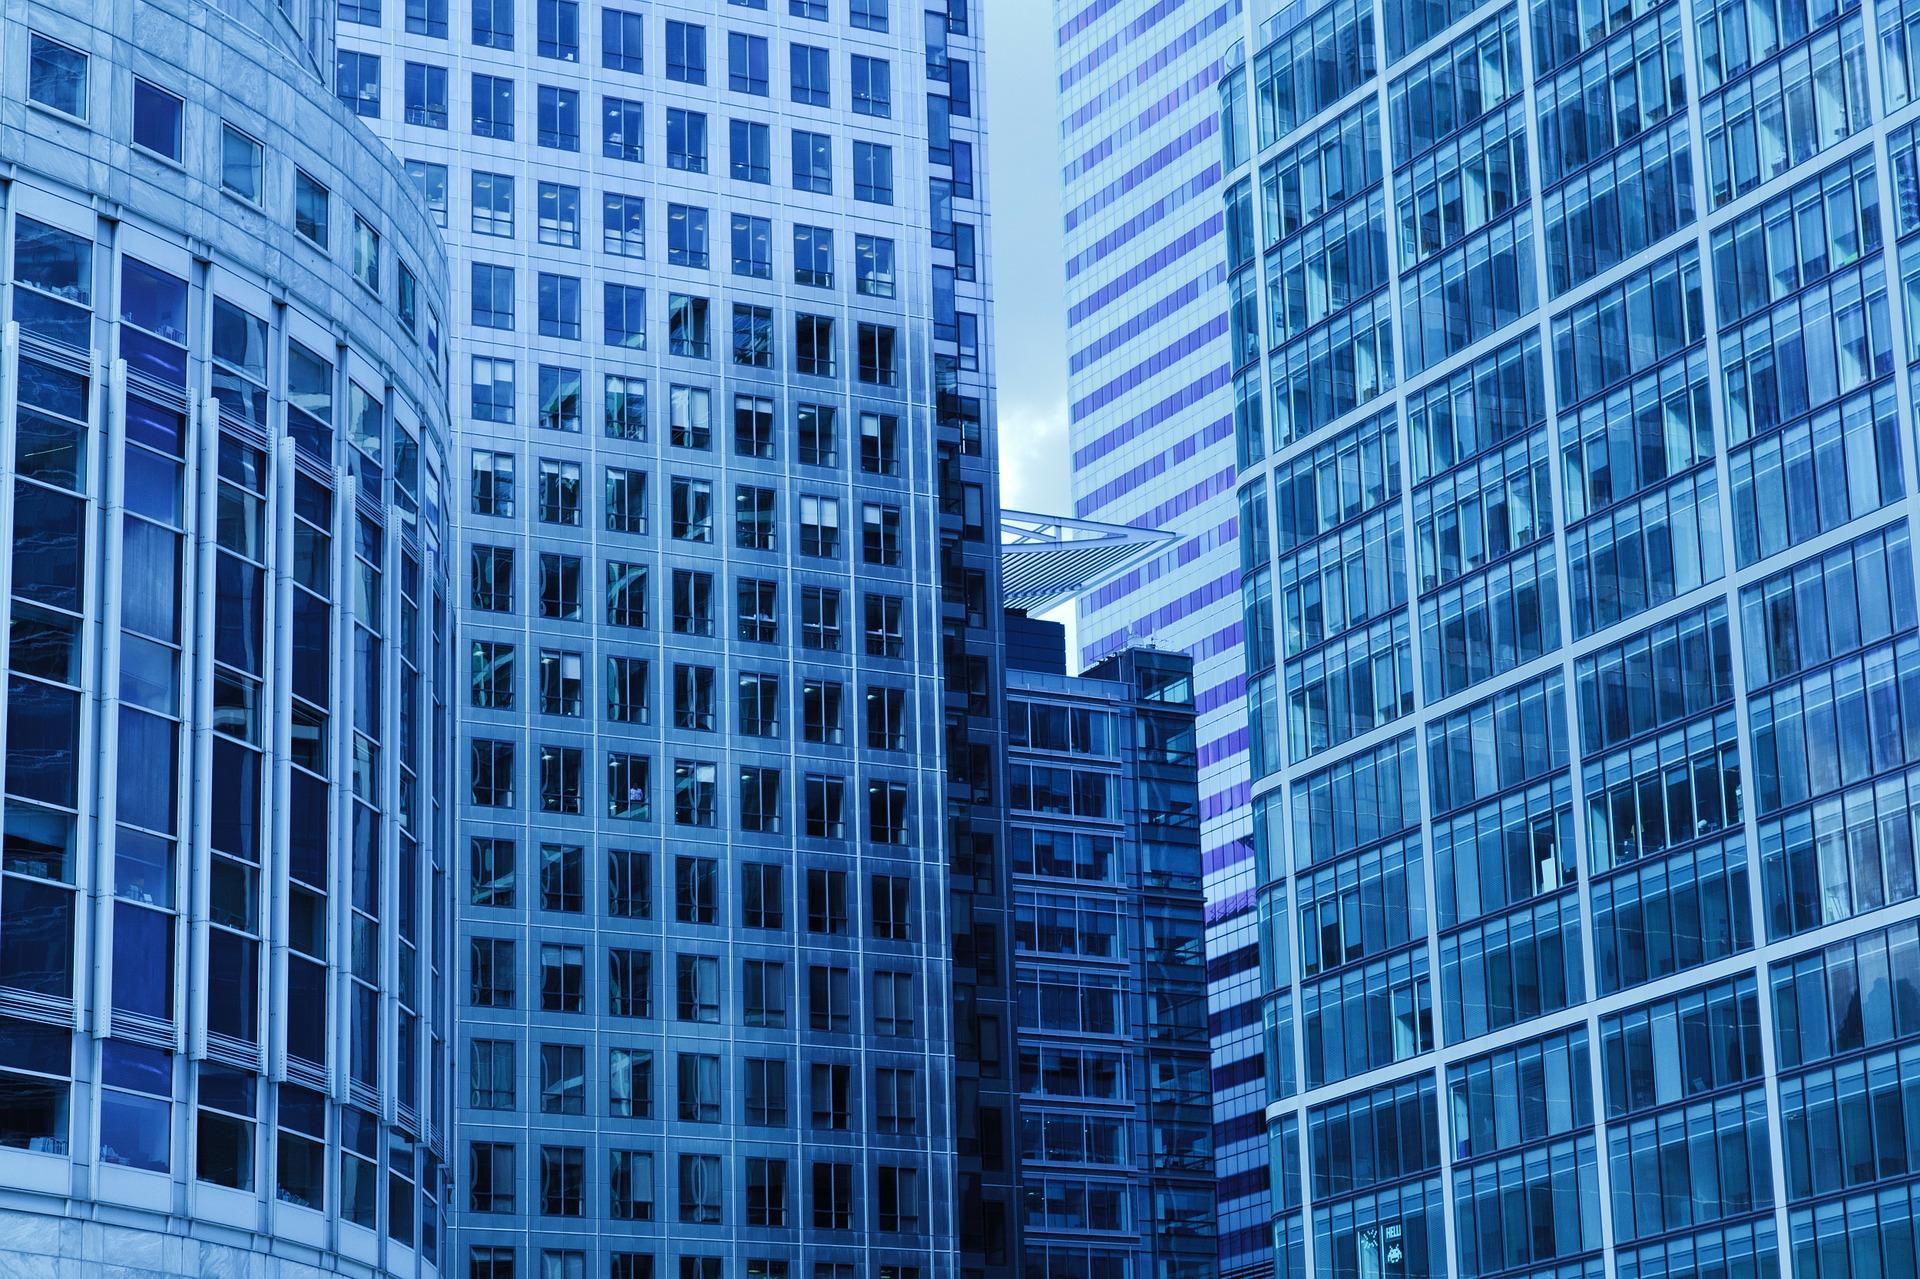 企業研究者が働いている建物のイメージ